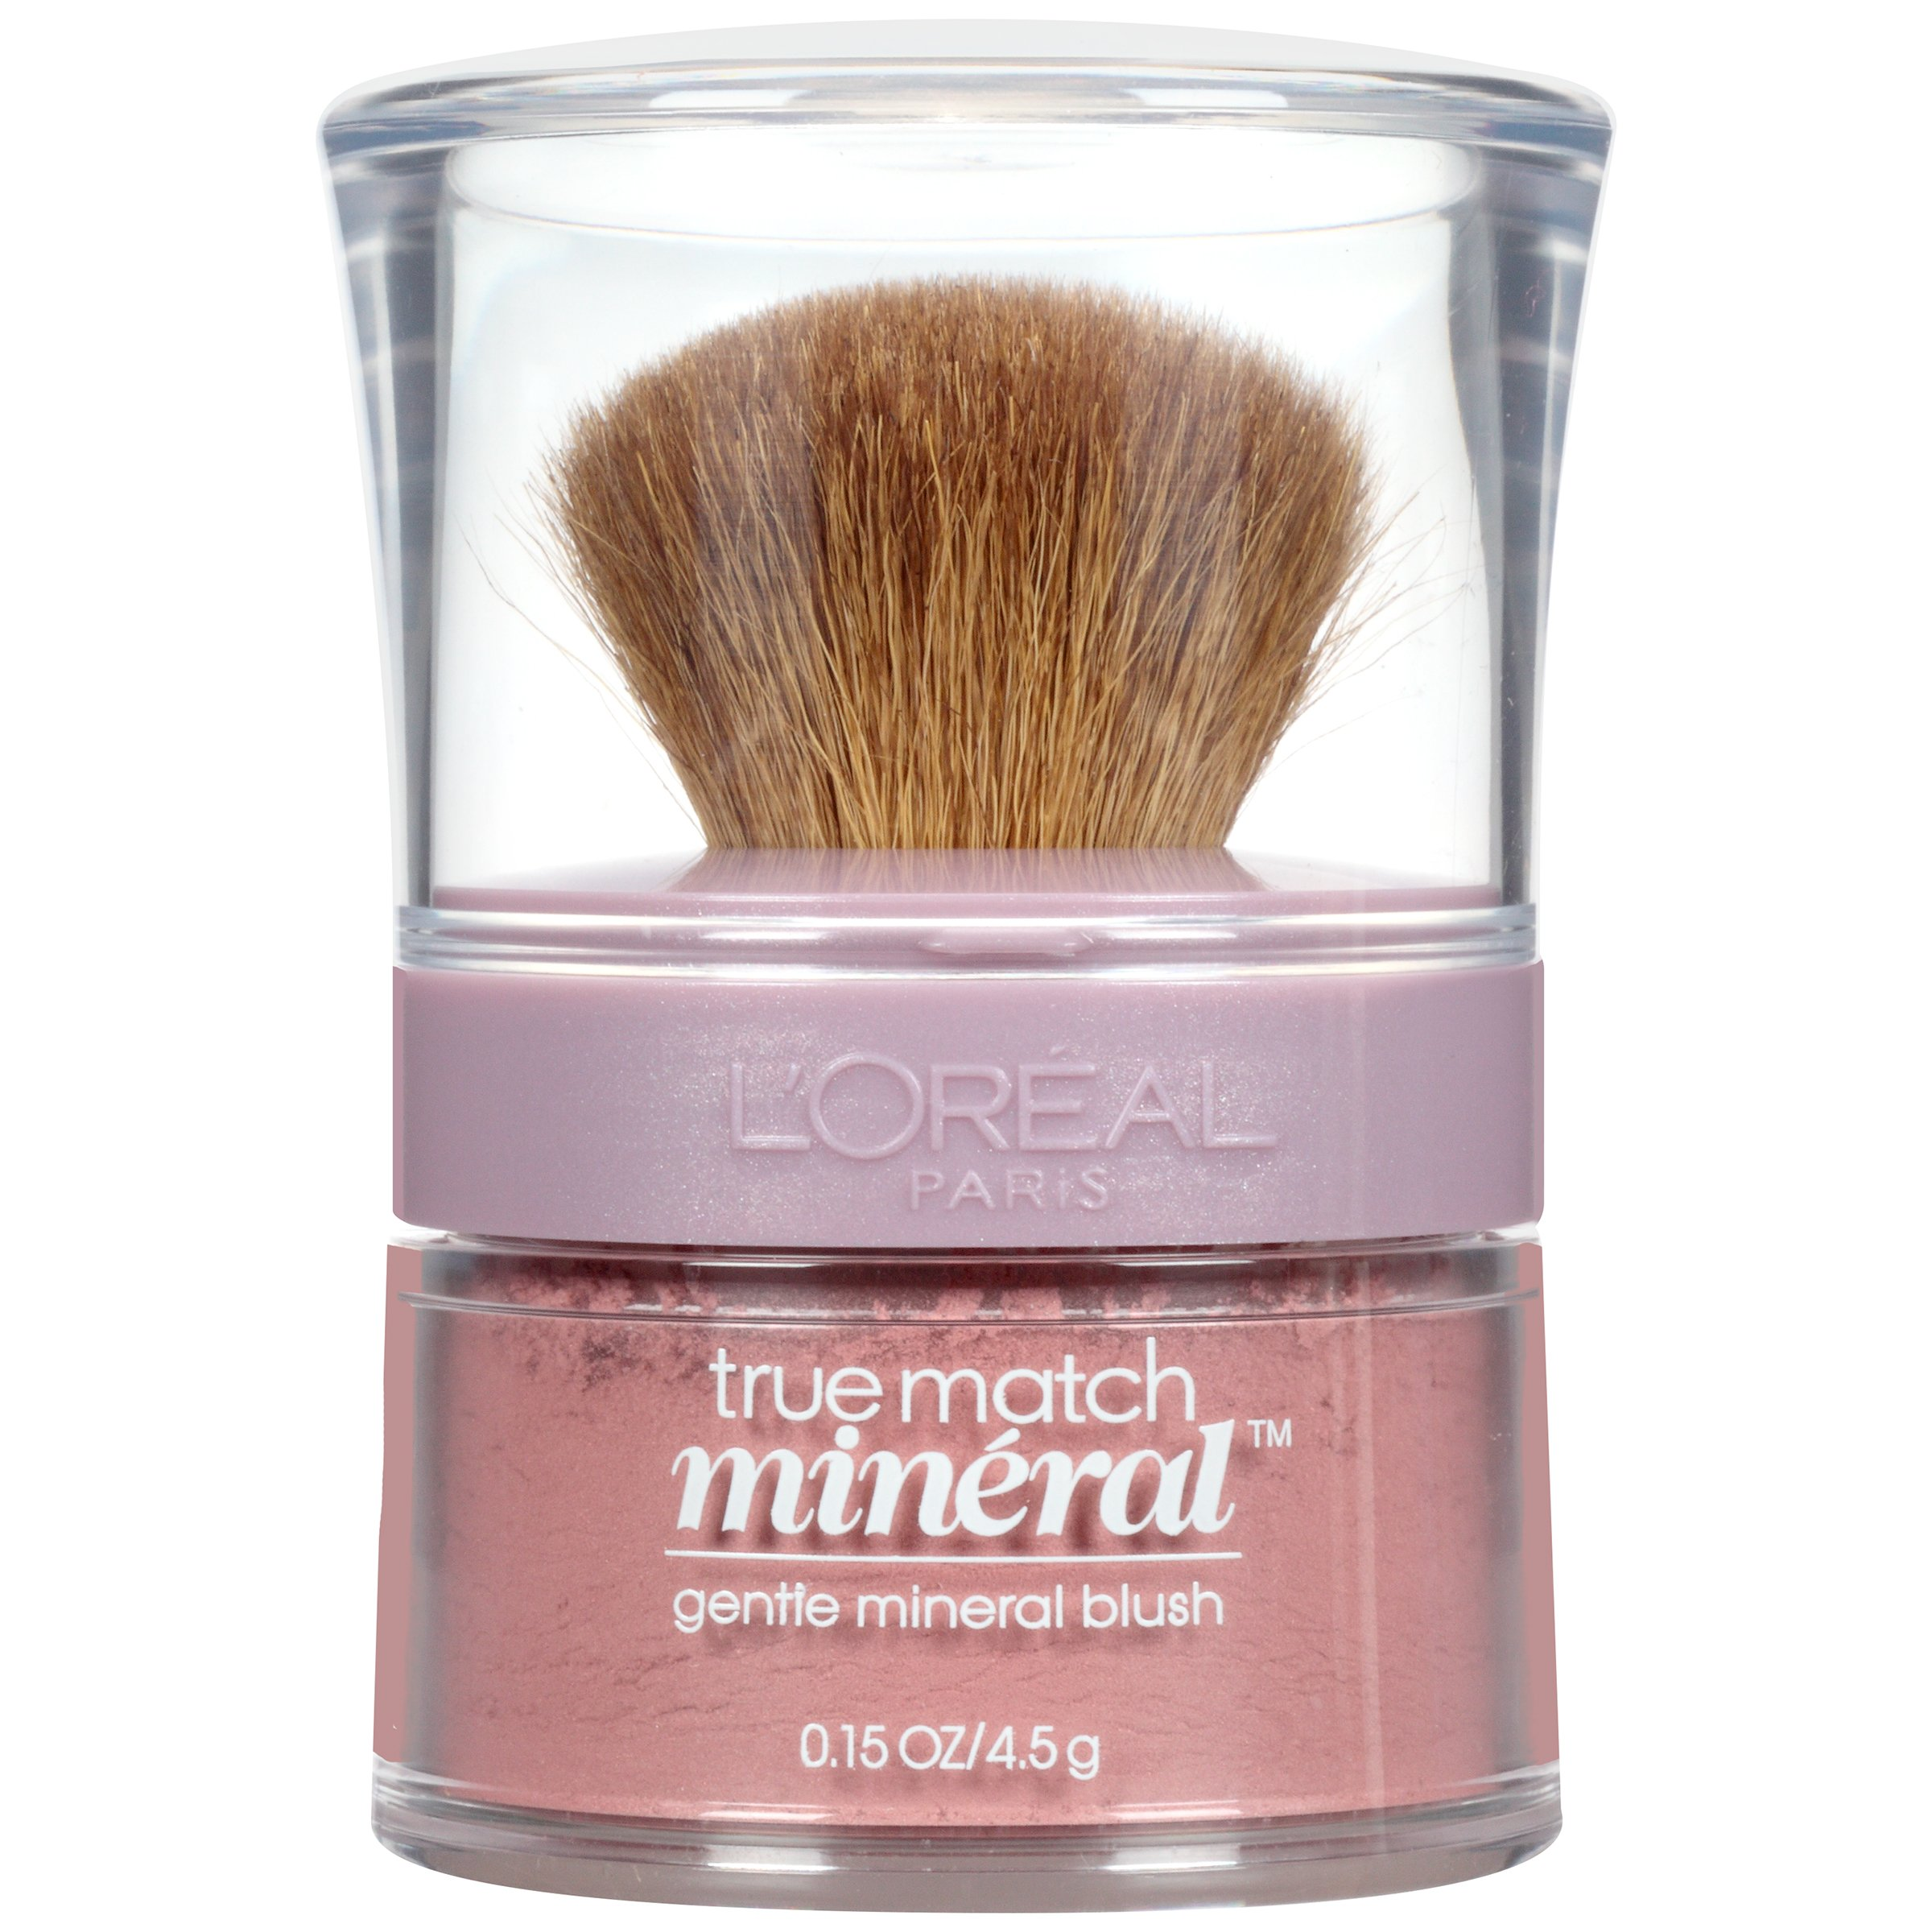 L'Oréal Paris Makeup True Match Loose Powder Natural Mineral Blush, Soft Rose, 0.15 oz. by L'Oreal Paris (Image #1)